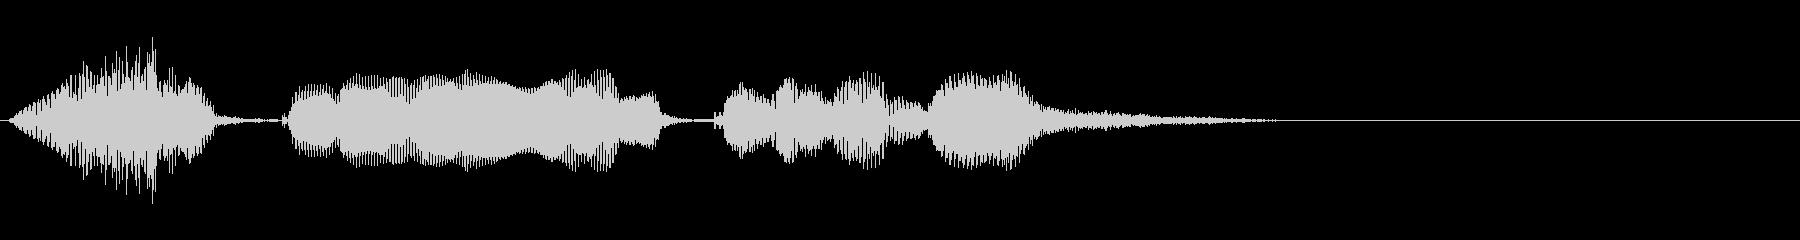 オープン予定です。(effect)の未再生の波形